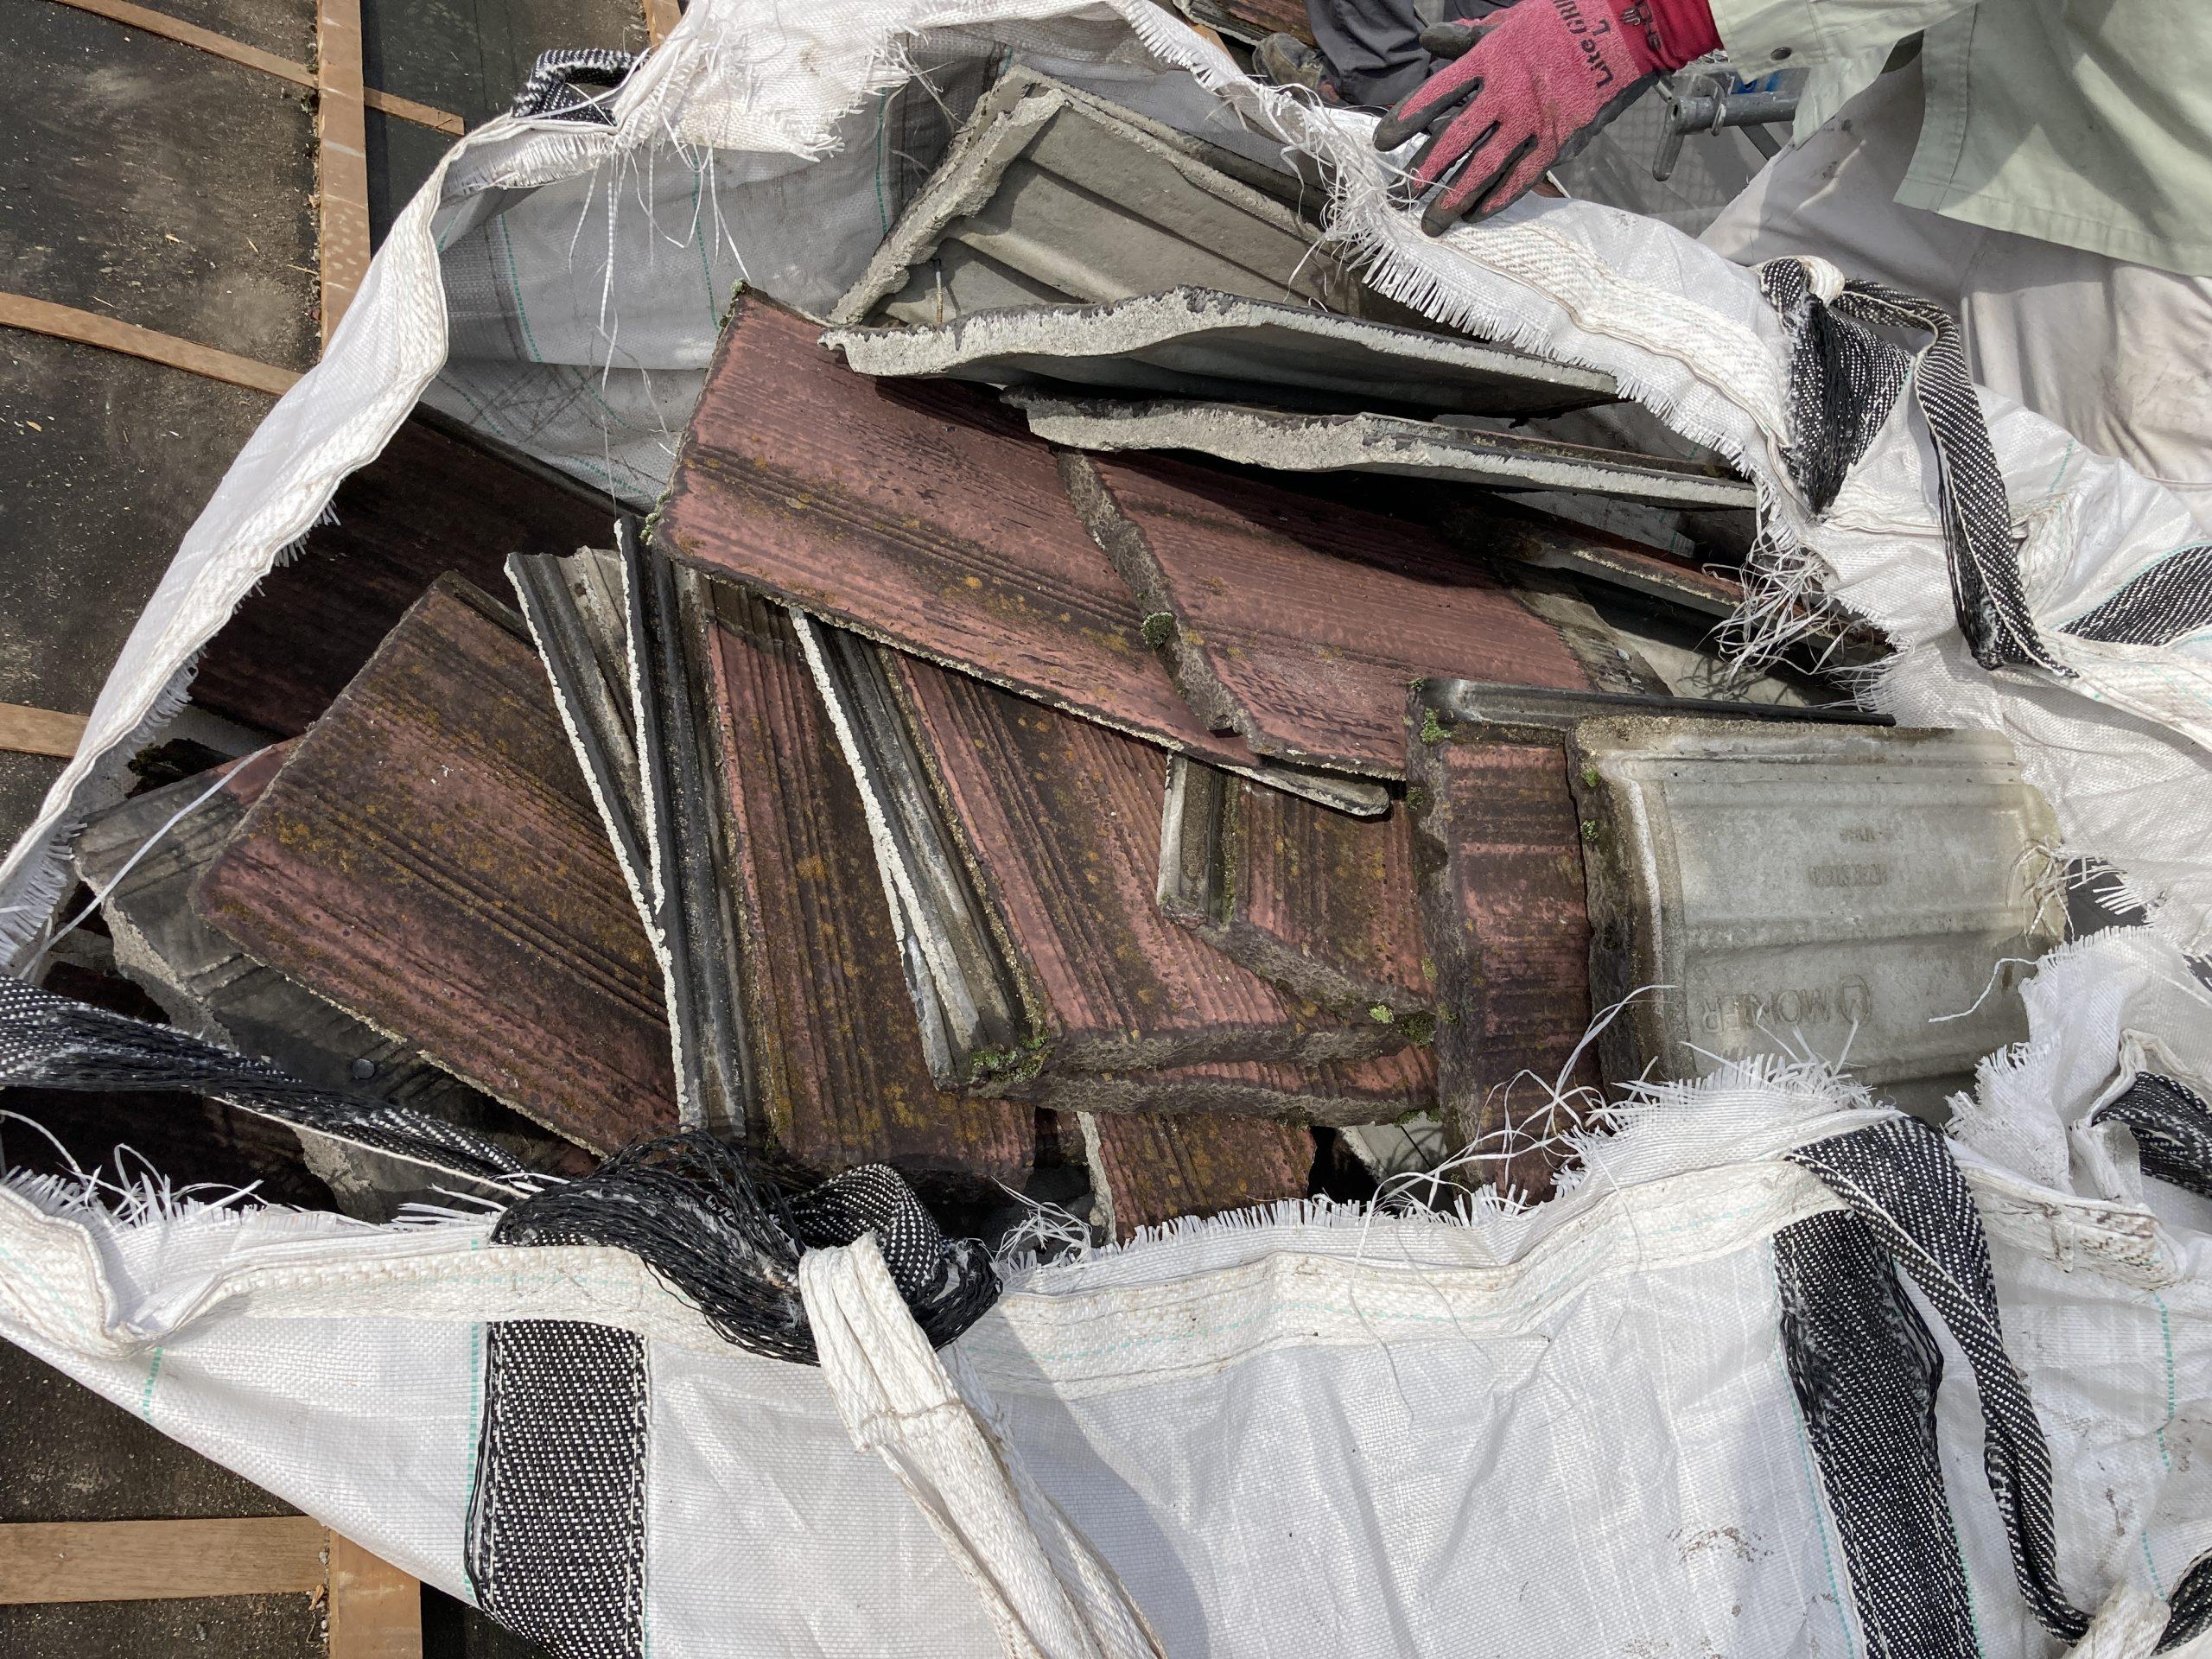 めくった屋根材の様子